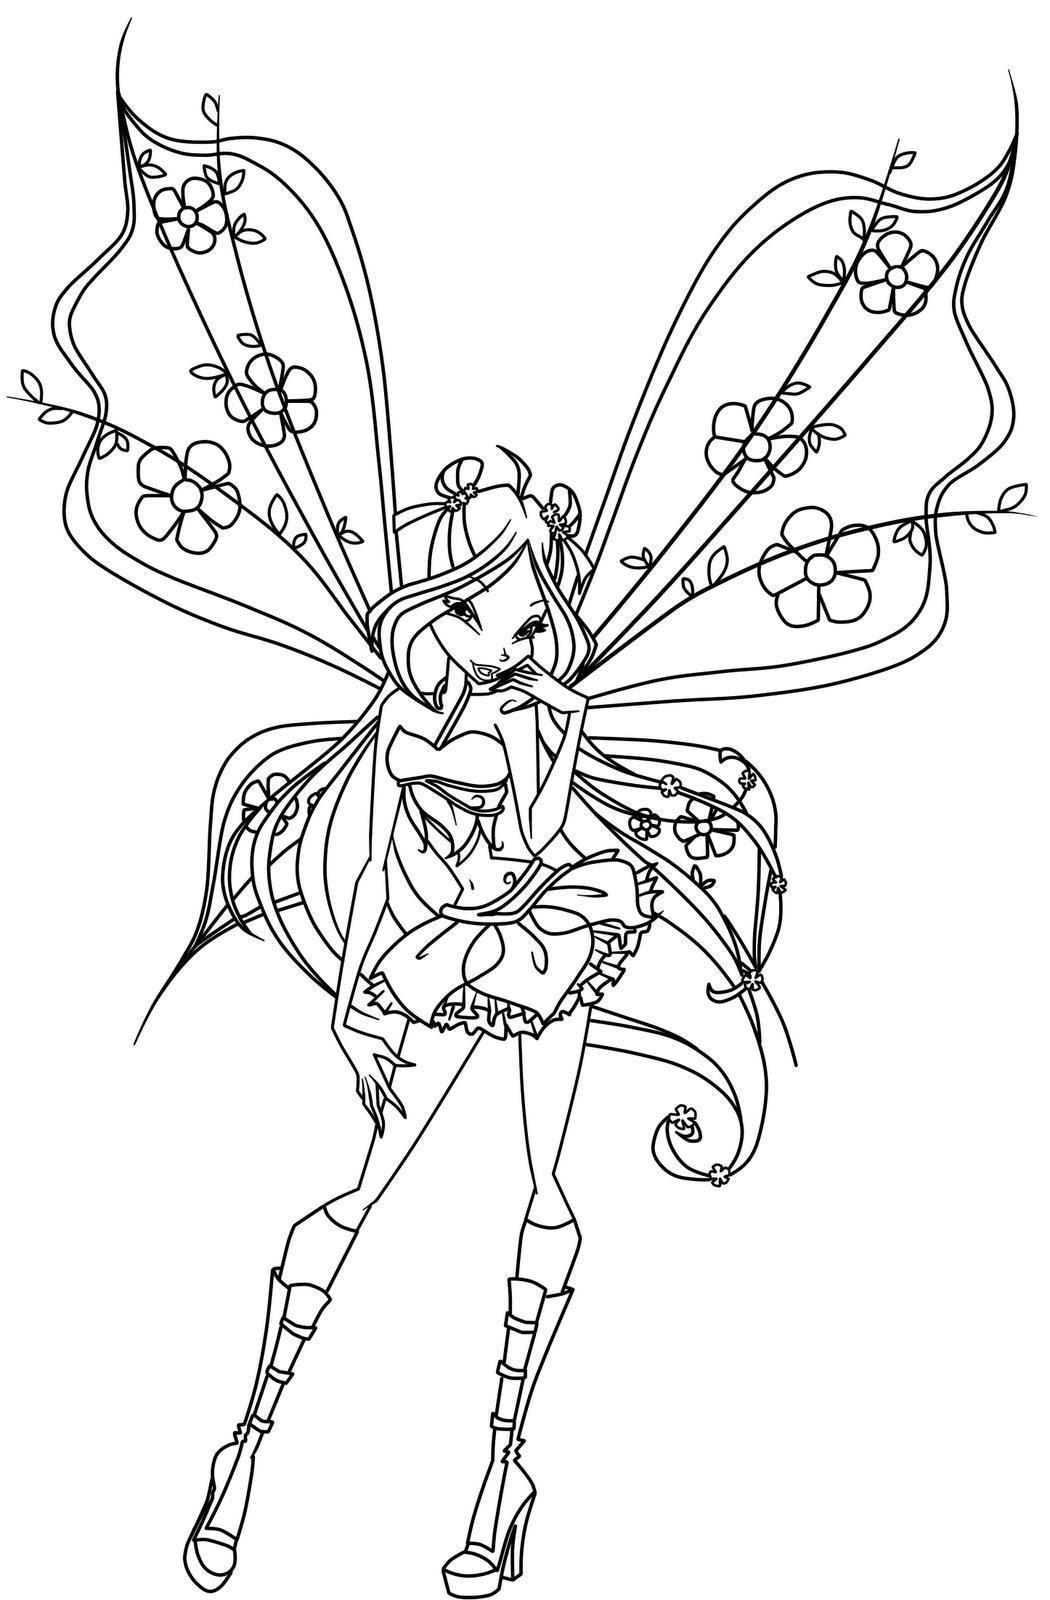 Winx Club Ausmalbilder Inspirierend Fairy Coloring Pages Winx Club Fairy Coloring Einzigartig Bilder